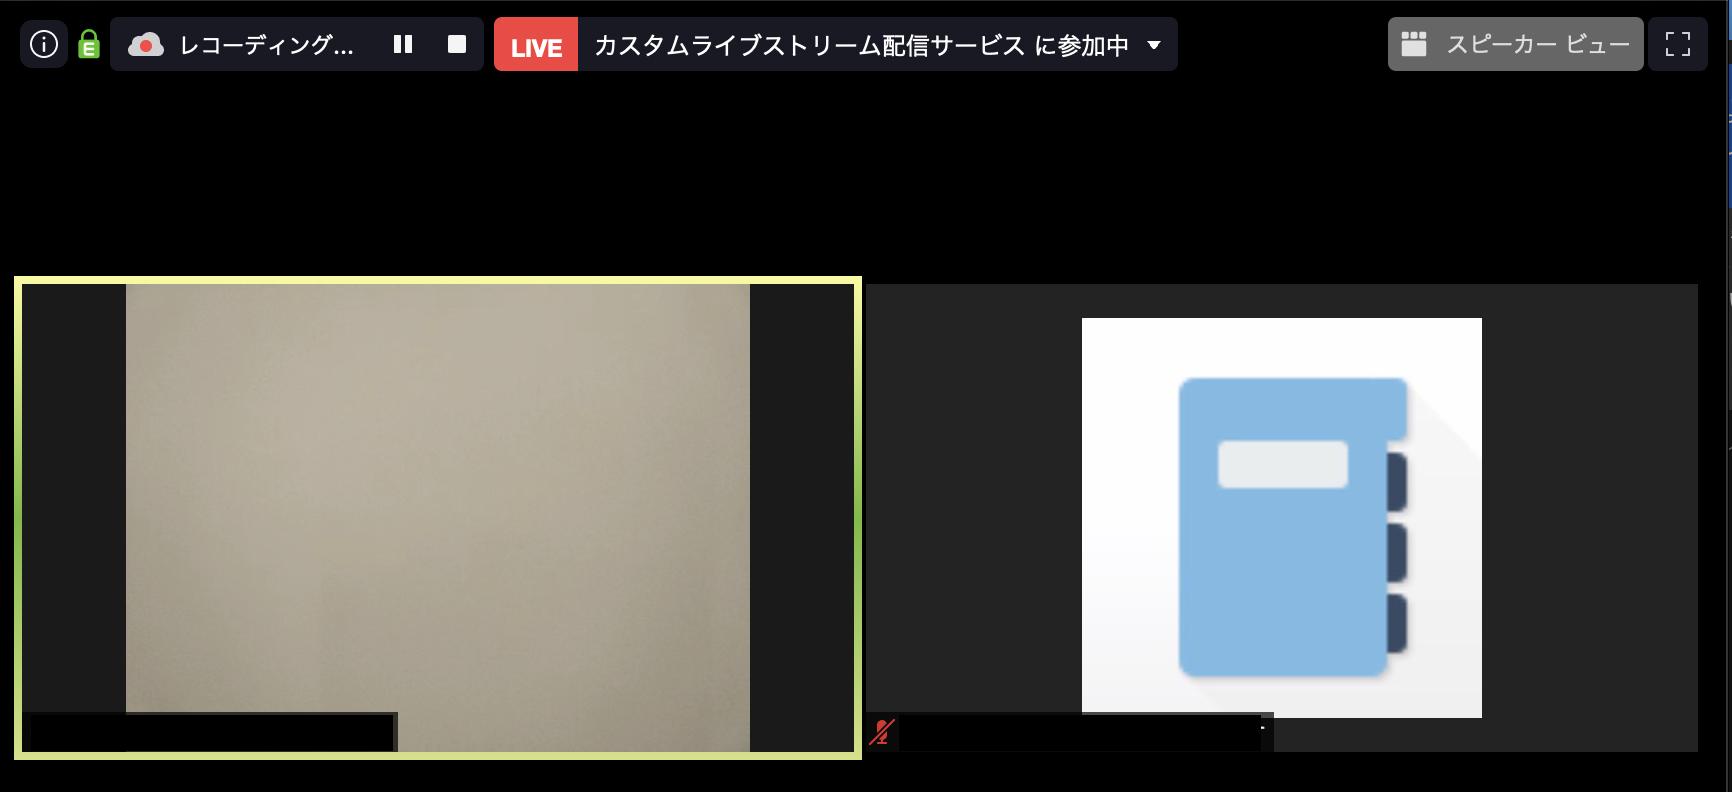 スクリーンショット 2020-03-01 11.39.59.png